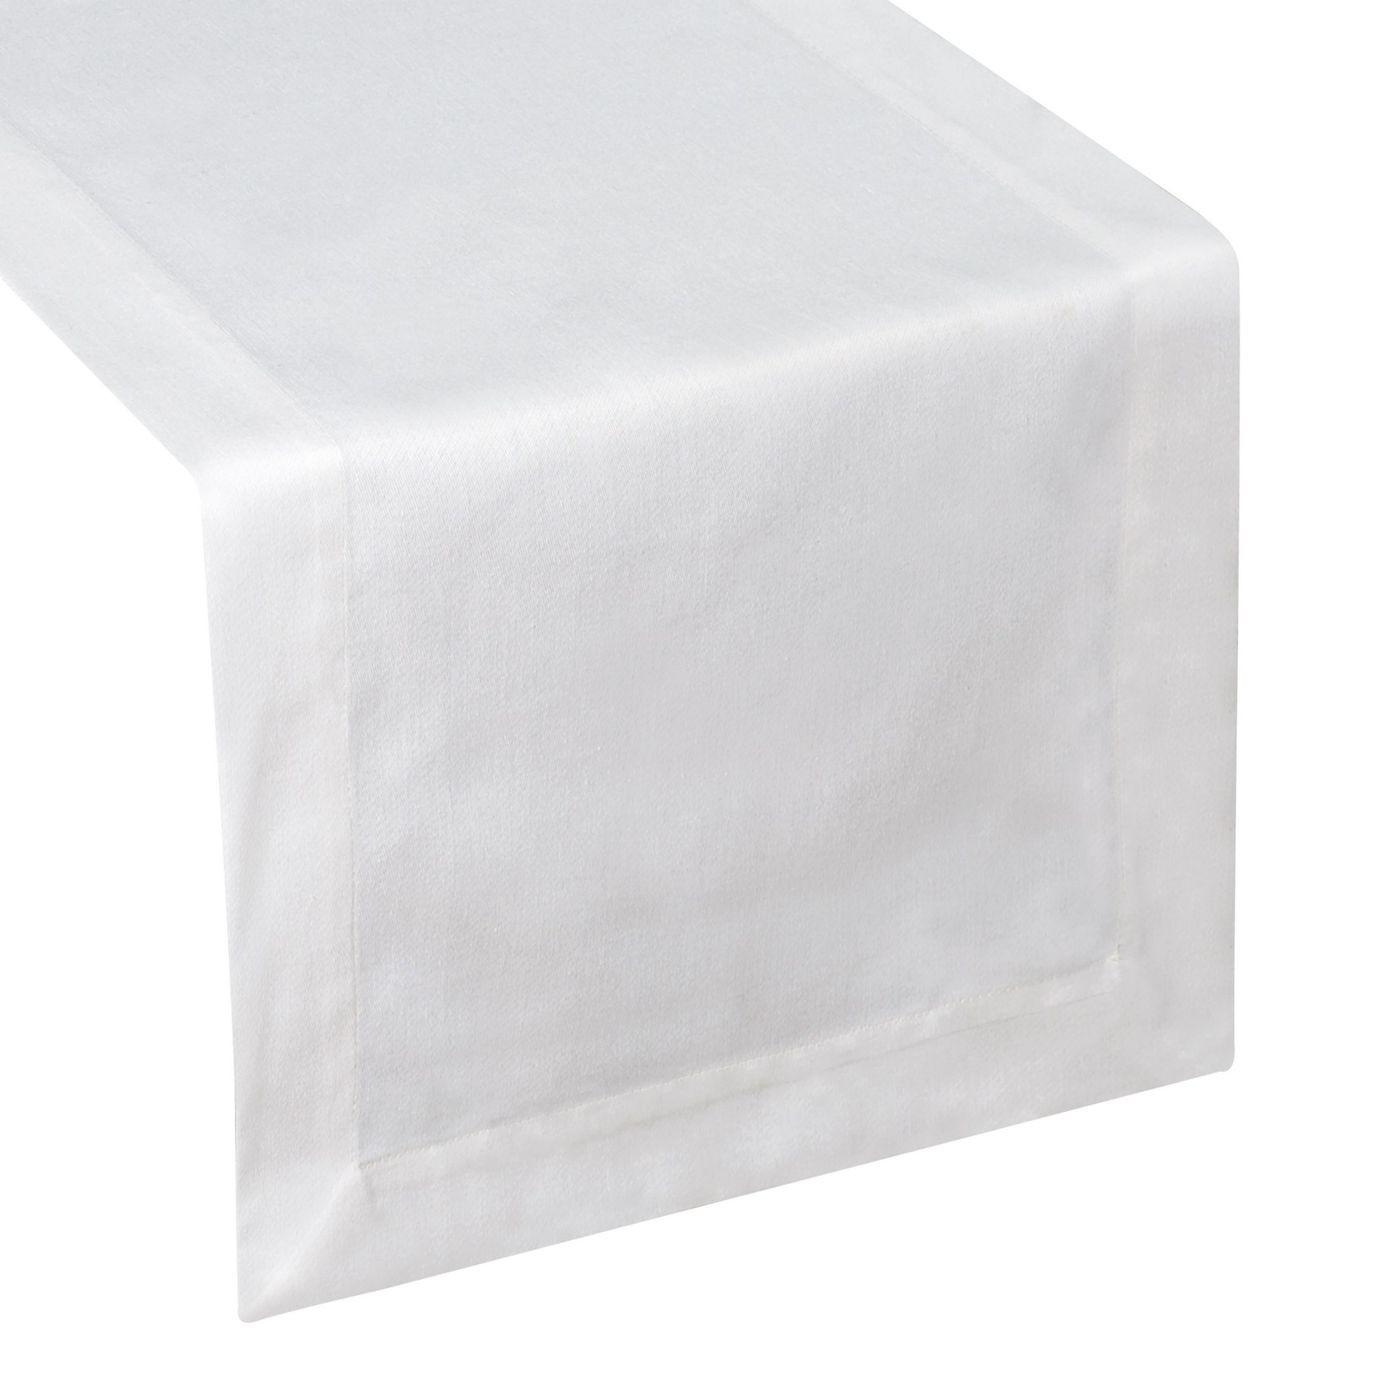 Biały obrus plamoodporny do jadalni 50x105 cm